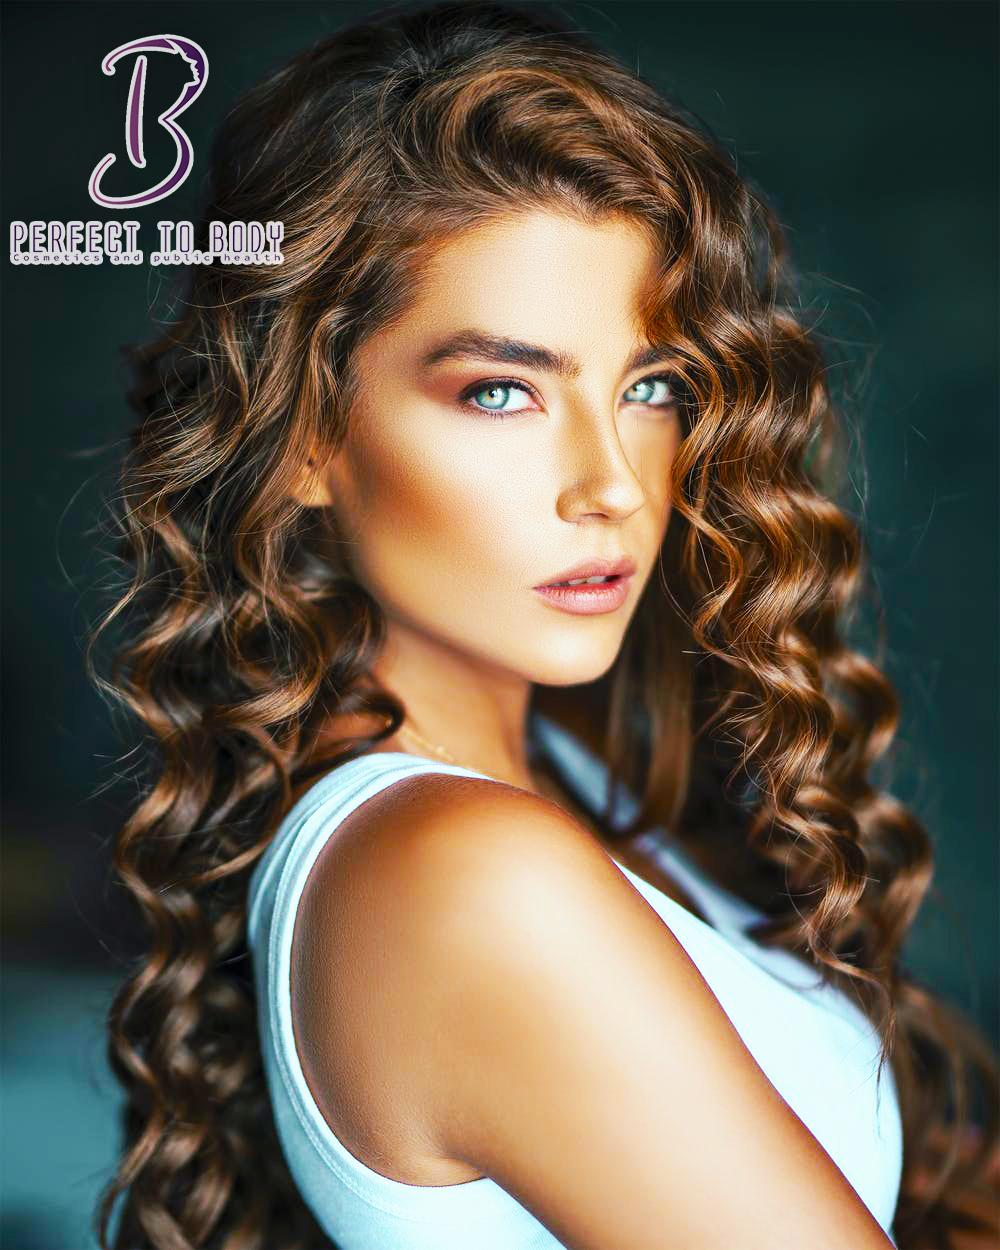 أفضل شامبو لتكثيف الشعر وتطويله - Perfect2body.com - برفكت توبادي